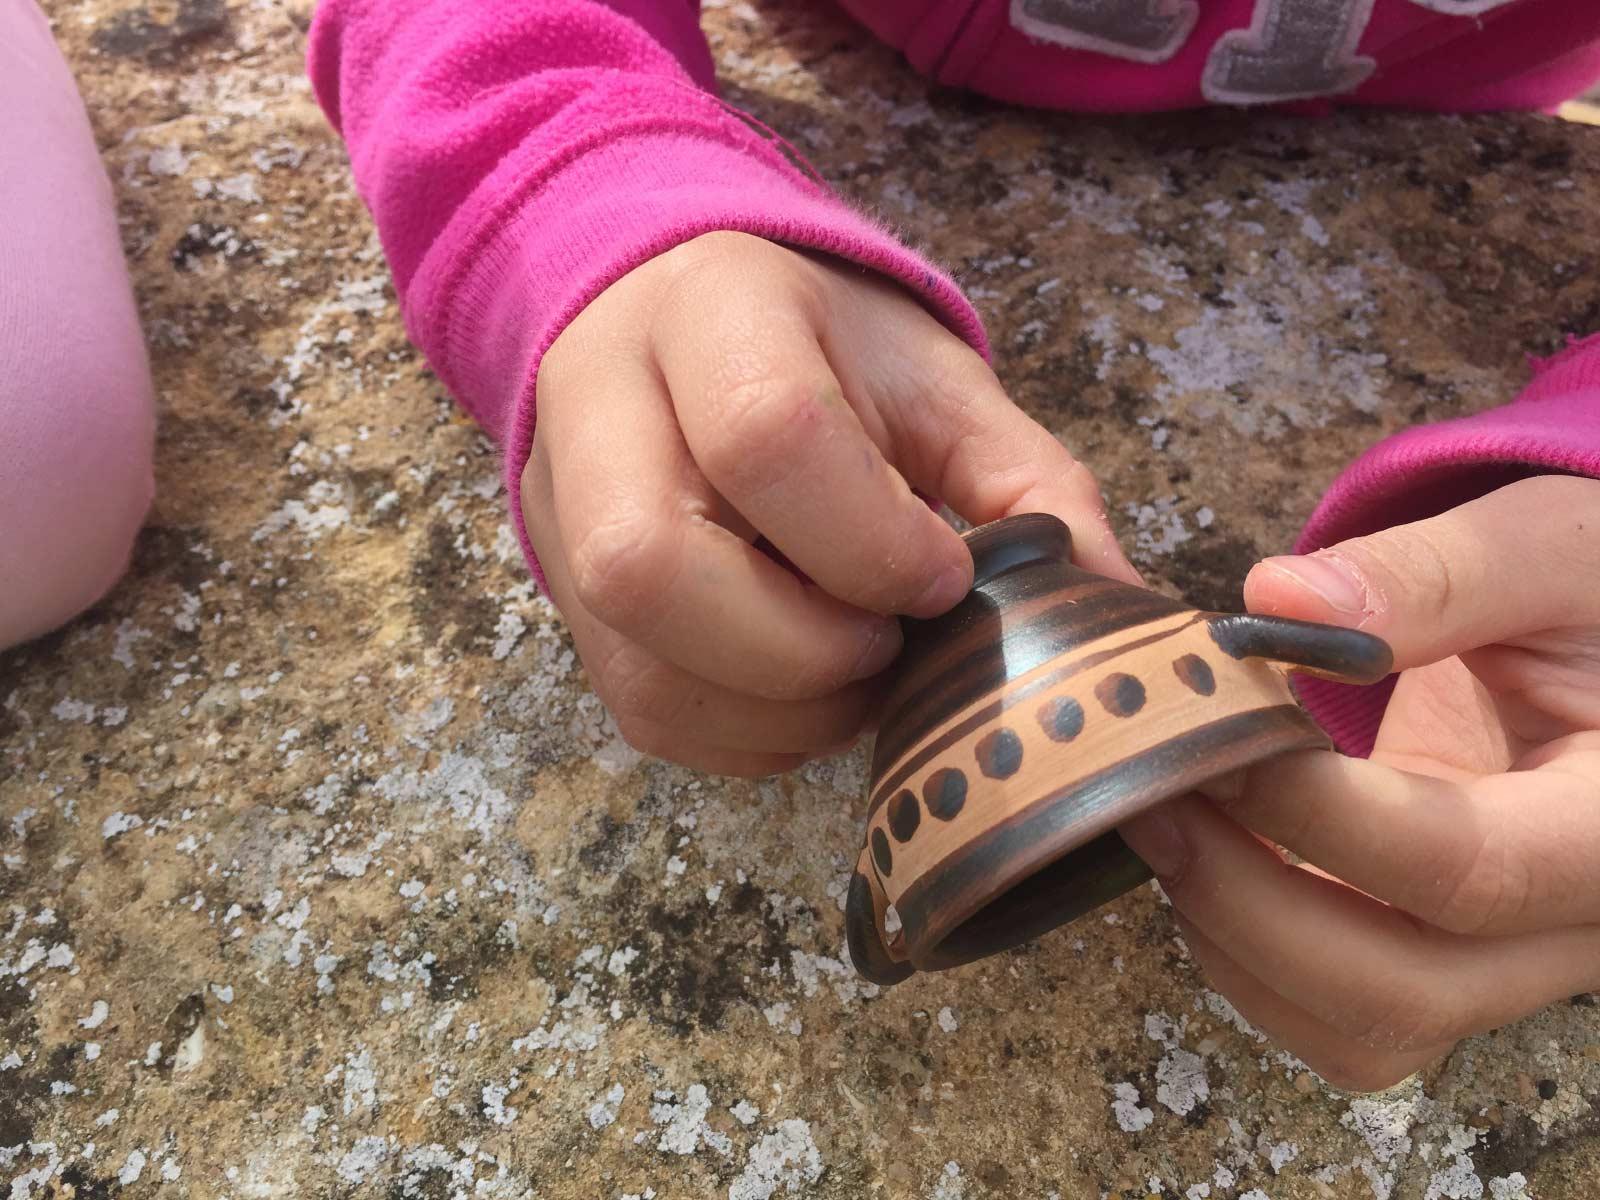 Una bimba usa il tatto per conoscere un reperto archeologico: una piccola coppetta (skyphos) a vernice nera decorata con una fila di puntini